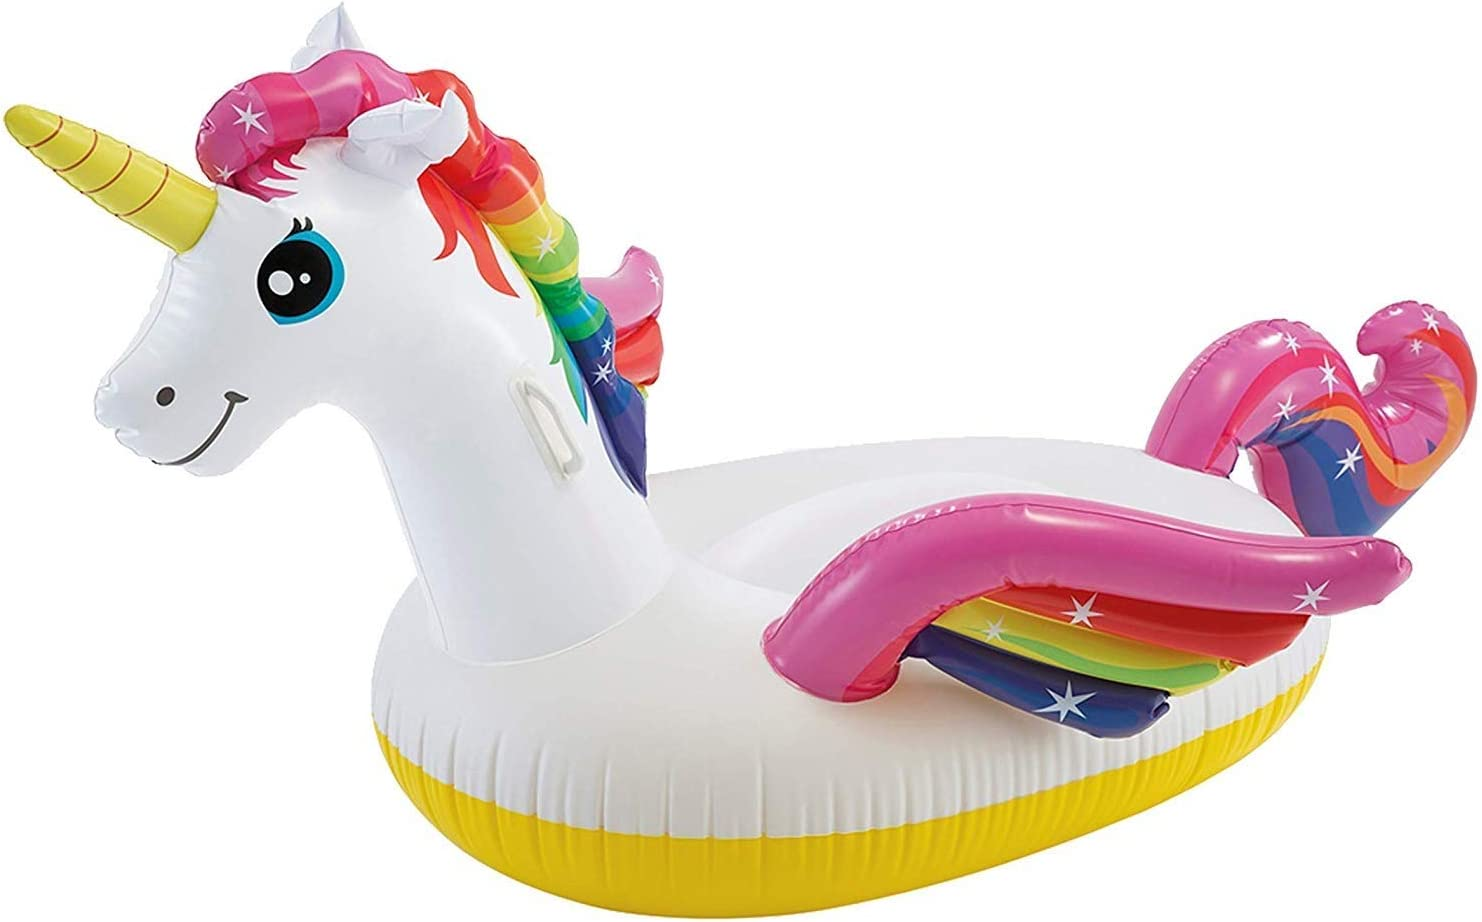 SXC Unicornio Hinchable colchonetas Piscina Inflable Flotador Unicornio Piscina para Adultos y Niños Hinchables Juguete para Fiesta de piscina-201 x 140 x 97 cm: Amazon.es: Hogar